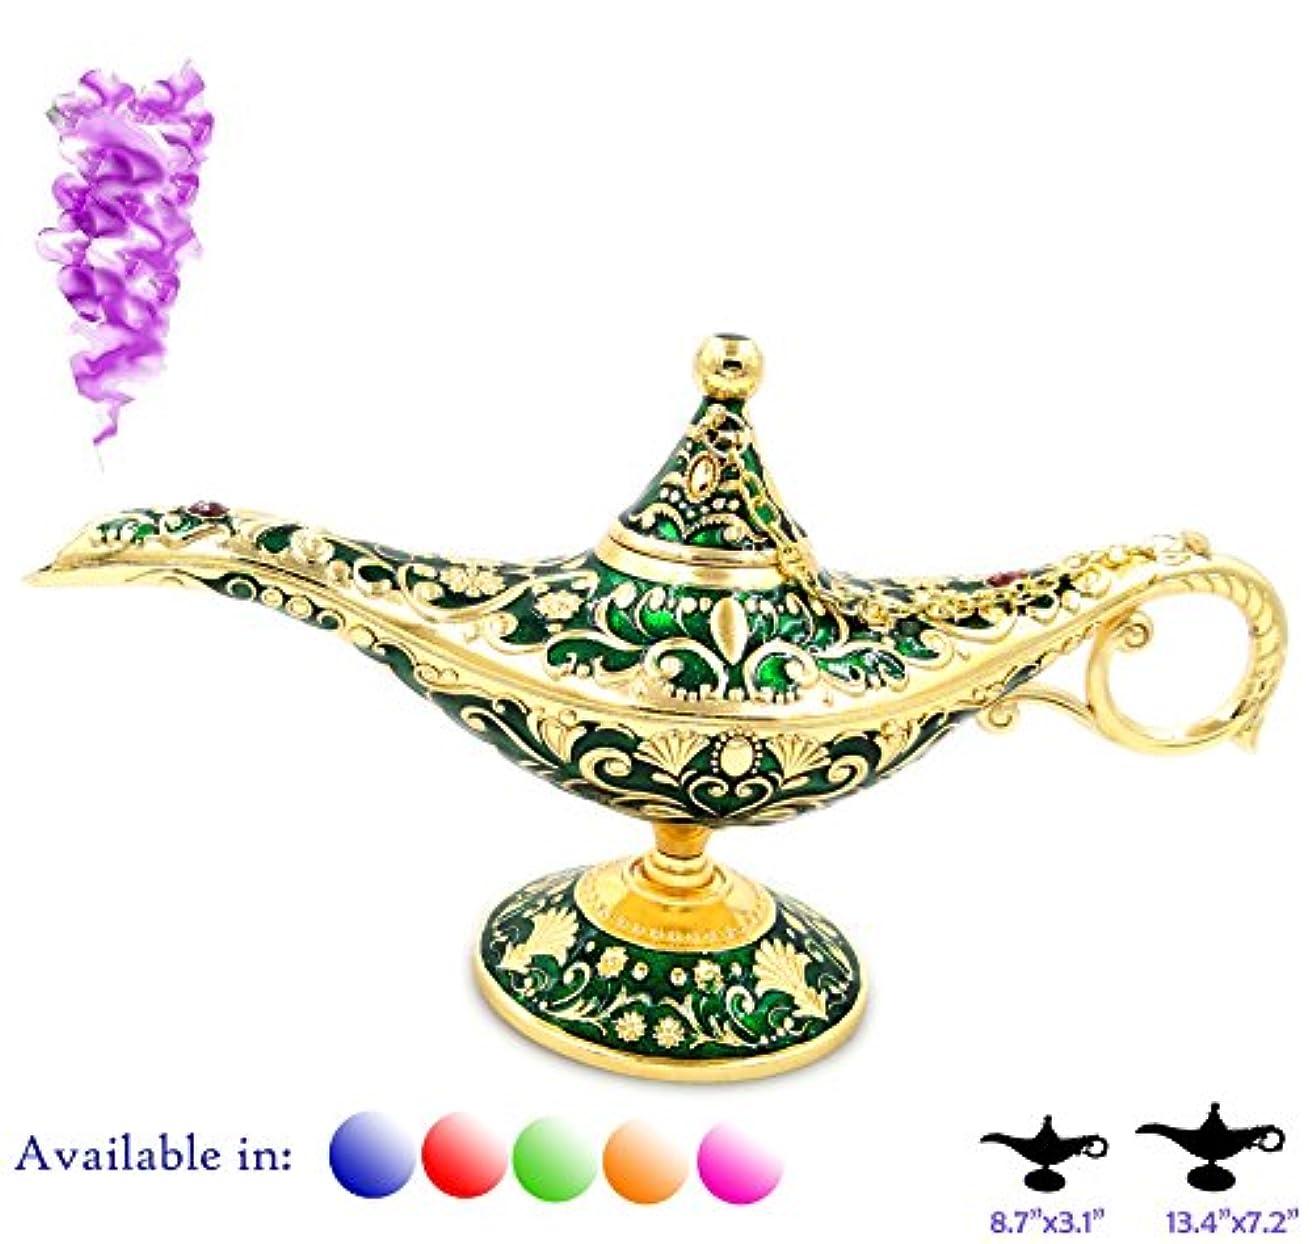 からかう政権翻訳者凡例Aladdin Magic Genieライトランプポットクラシックカラー真鍮Aladdin Genie Lamps Incense Burners Normal 8.7x3.1